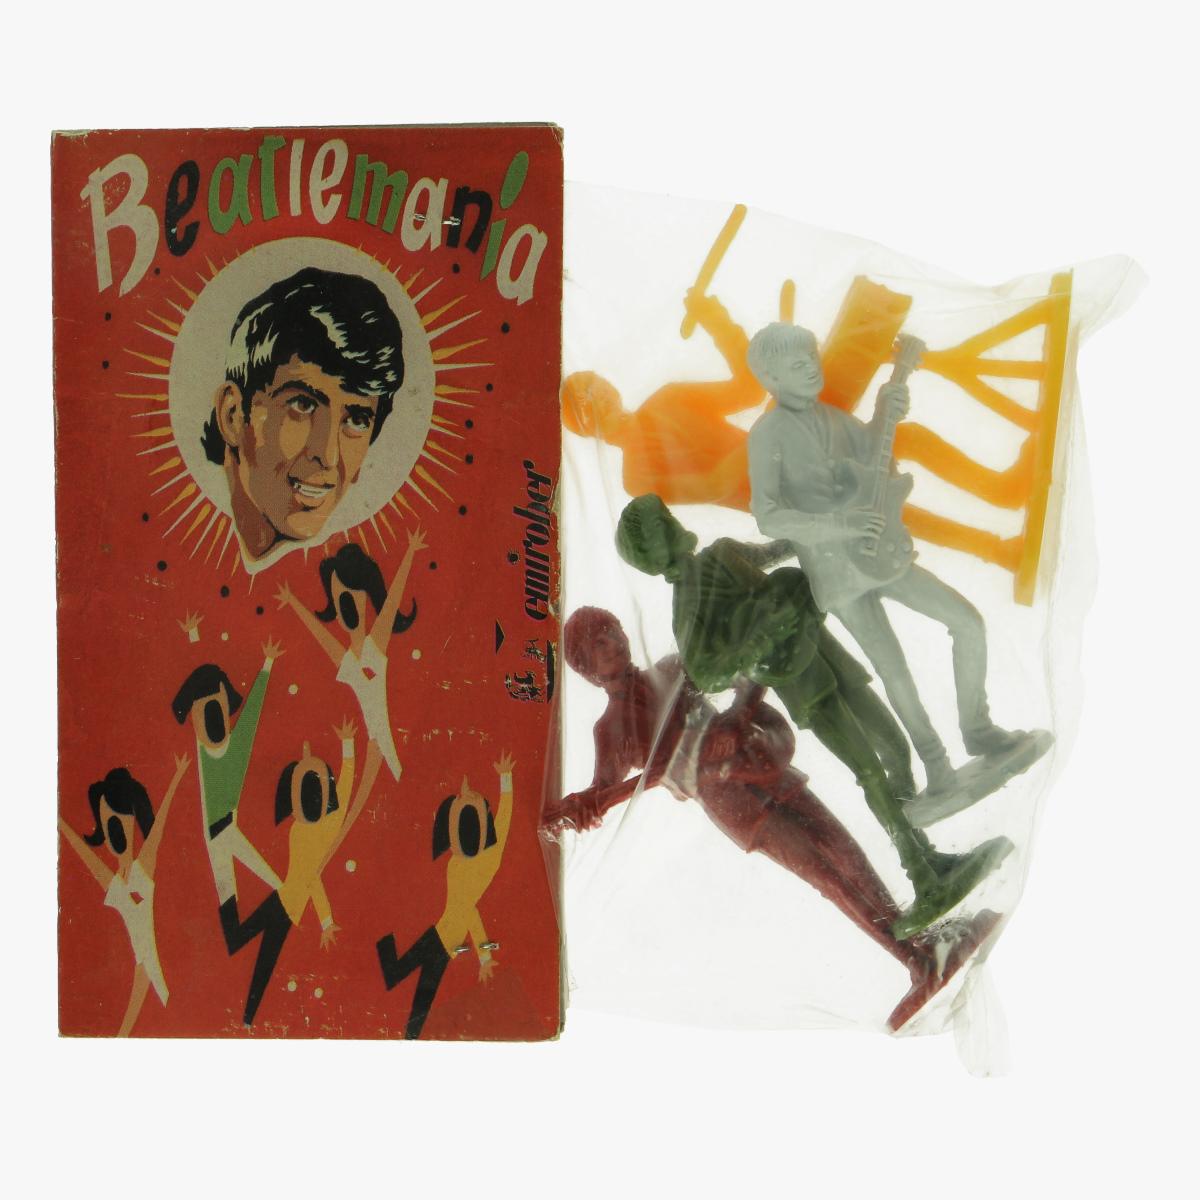 Afbeeldingen van Beatlemania. Emirober.